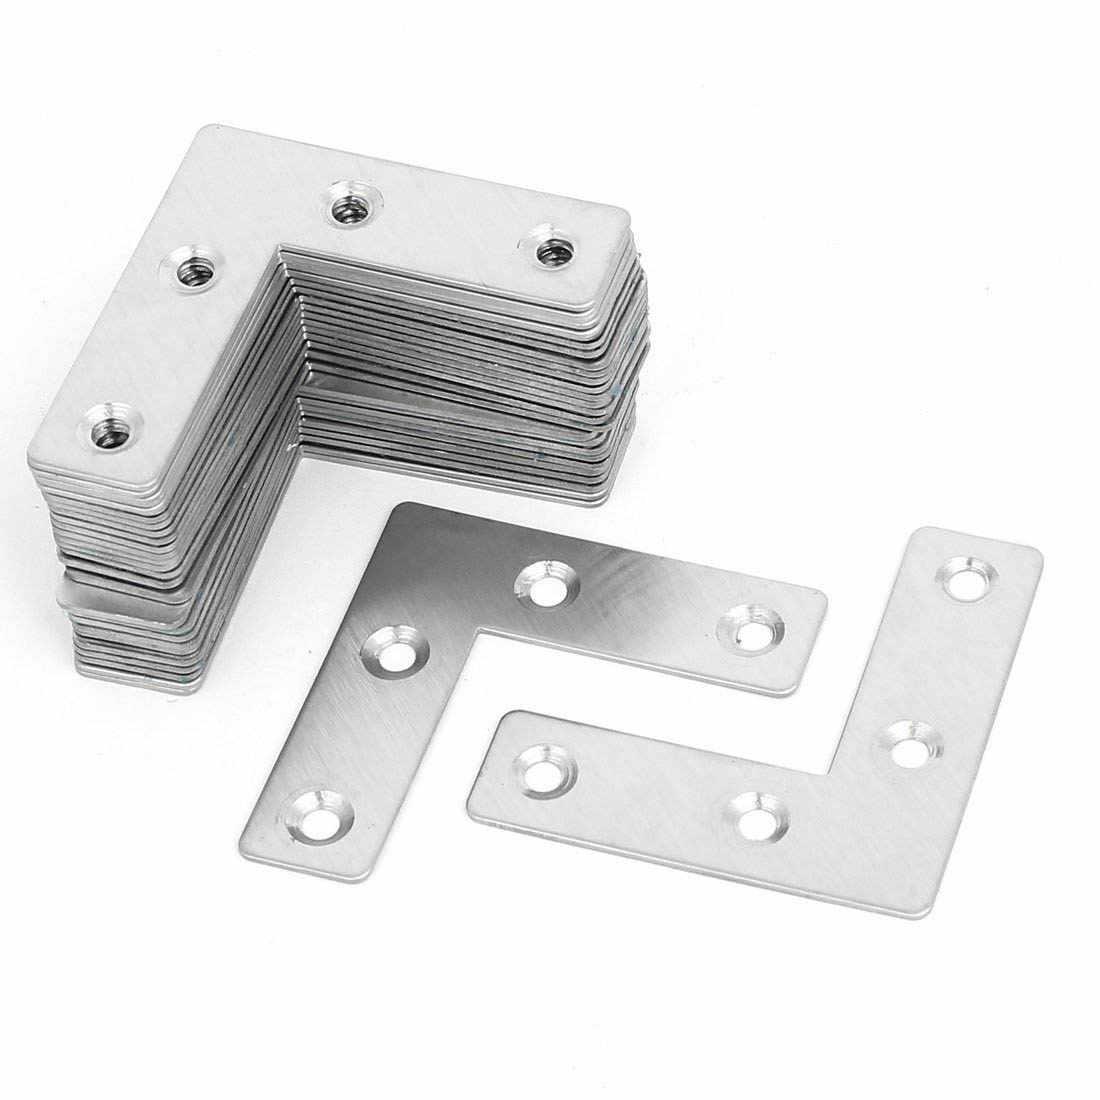 Droit Plat En Acier Inoxydable Brossé 4 Trous Réparation Réparation Fixation Plaque Support